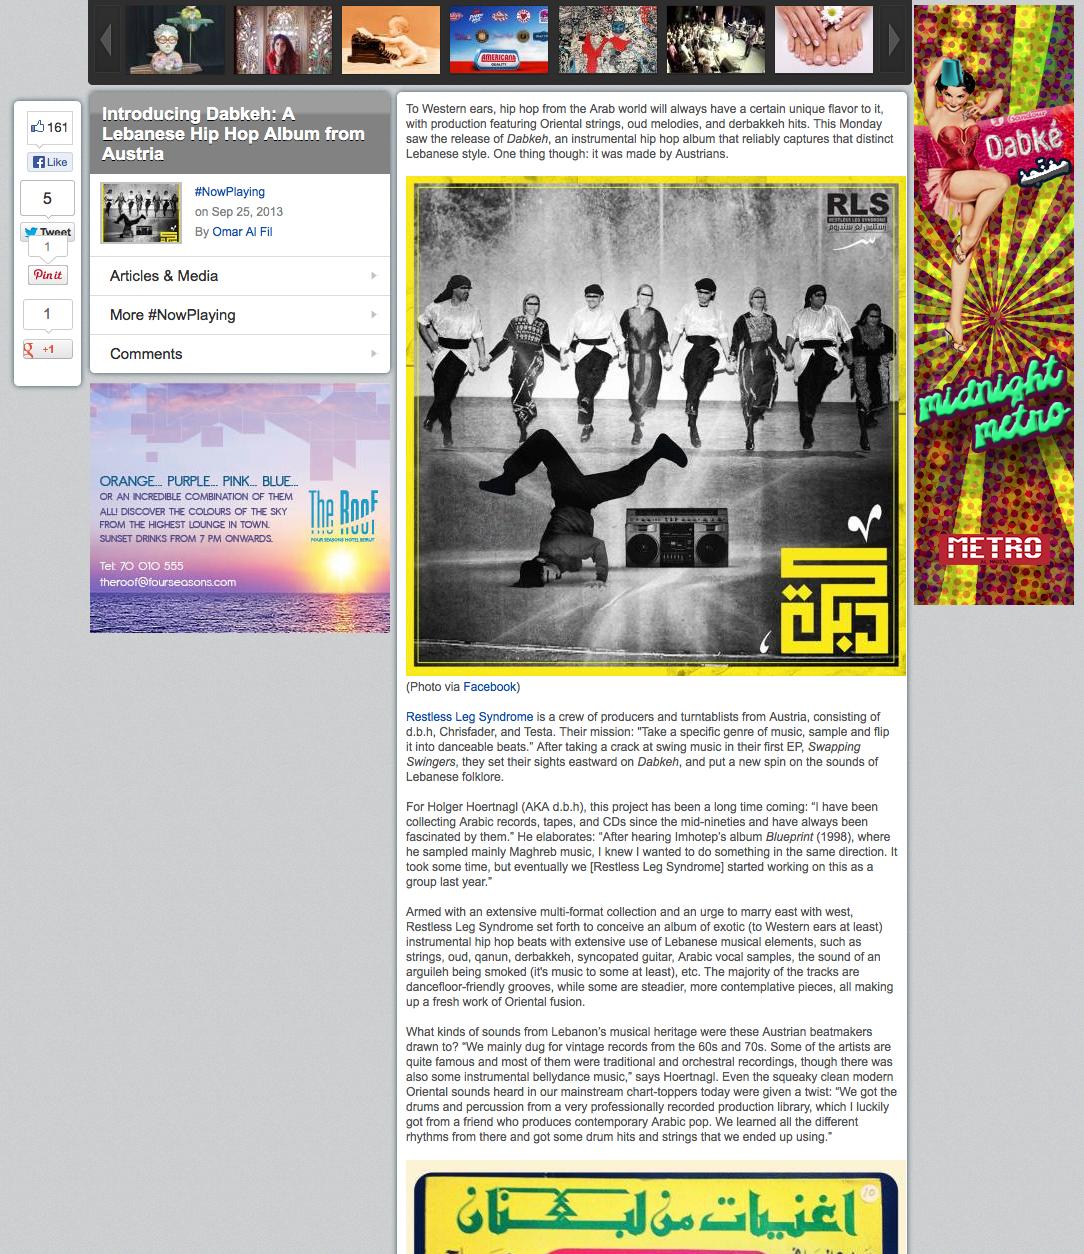 Bildschirmfoto 2013-09-26 um 13.26.00.png